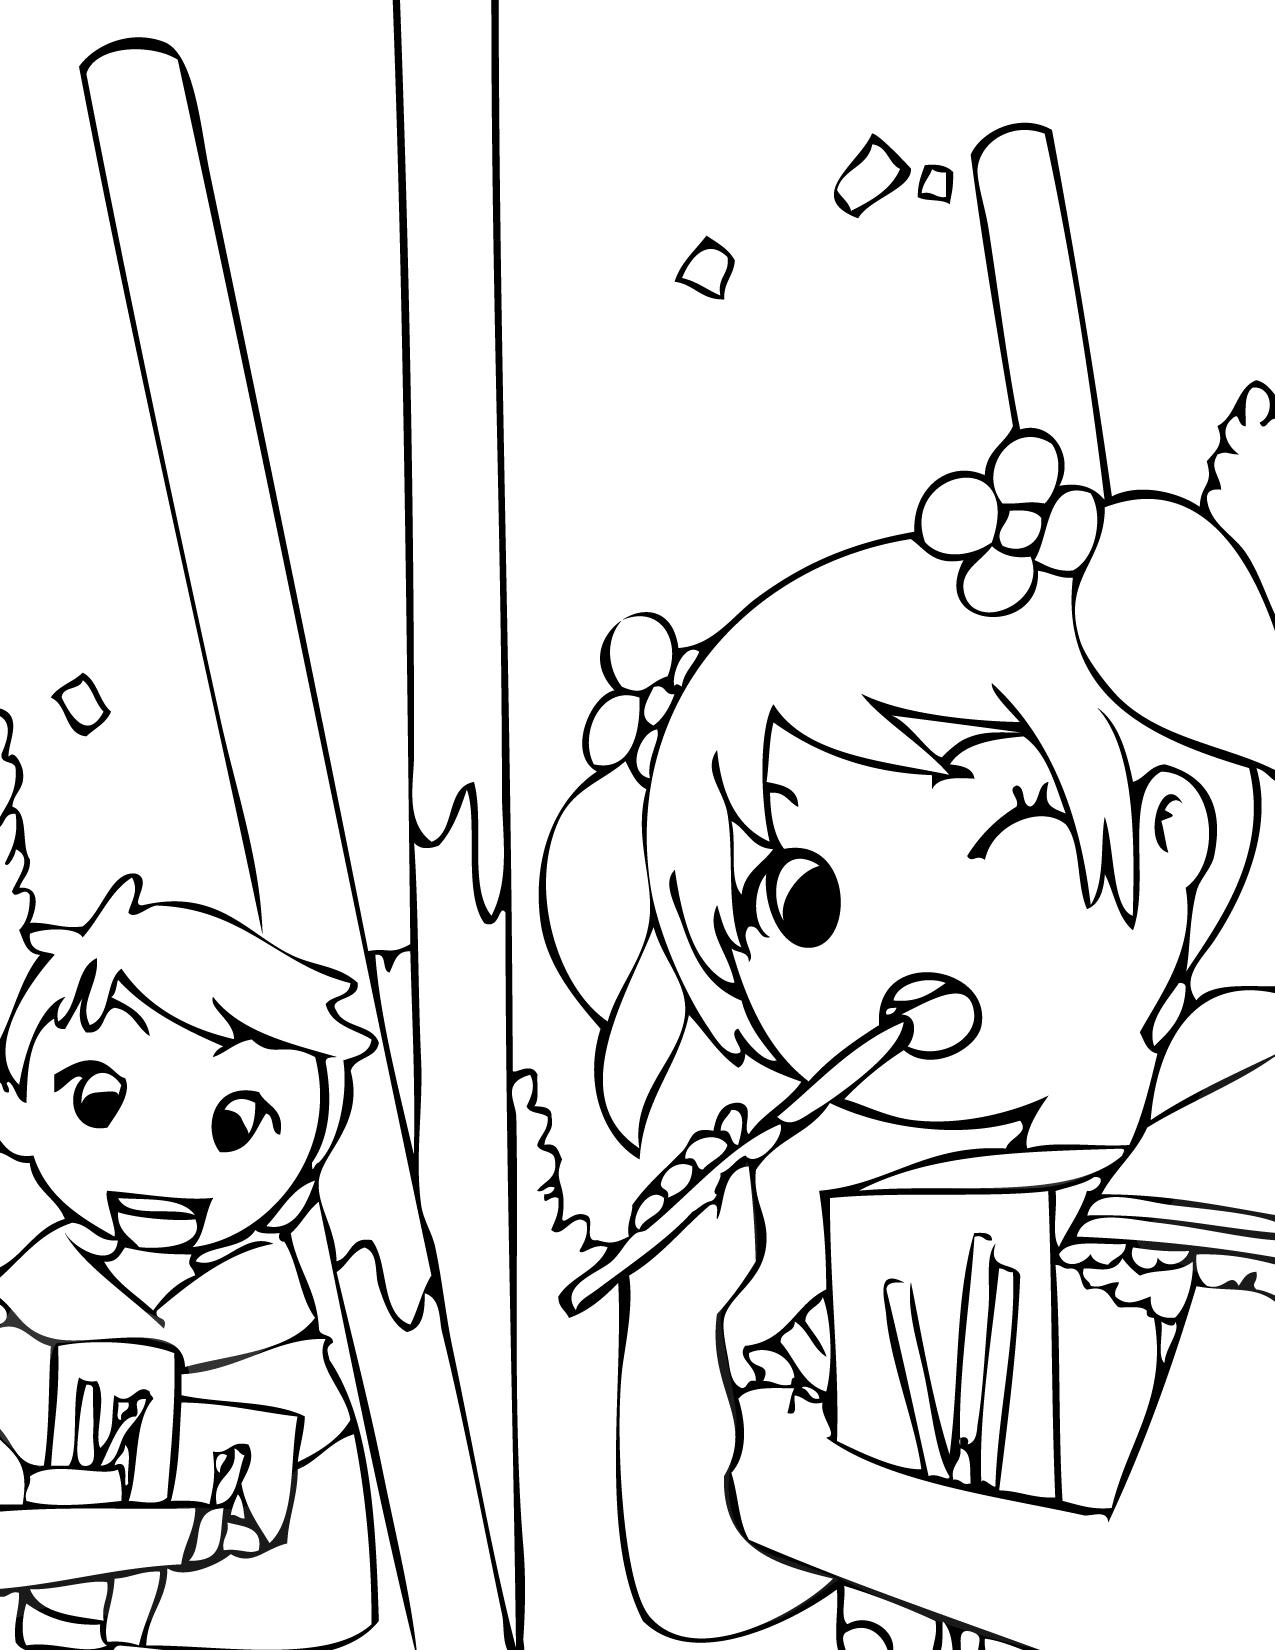 Korean coloring #6, Download drawings